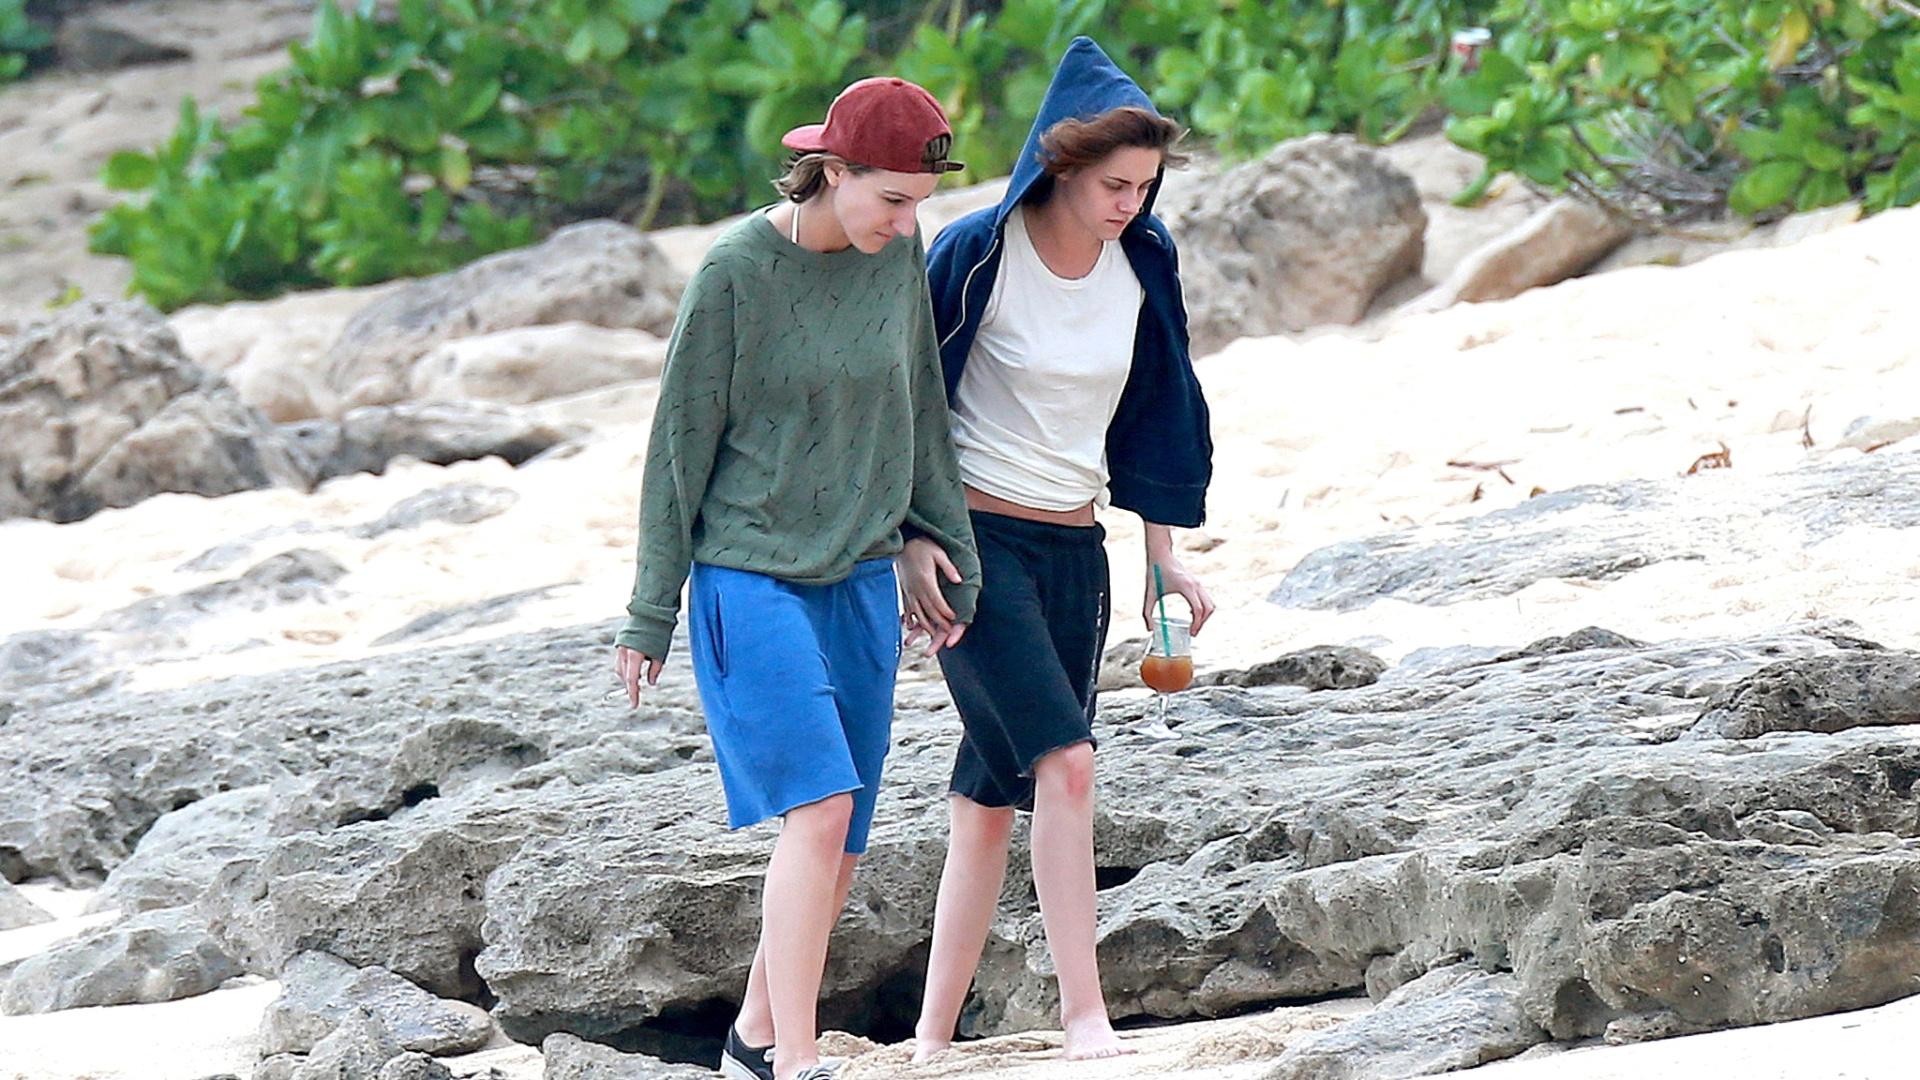 31.dez.2014 - Kristen Stewart caminha de mãos dadas com a amiga e ex-assistente pessoal Alicia Cargile em viagem ao Havaí